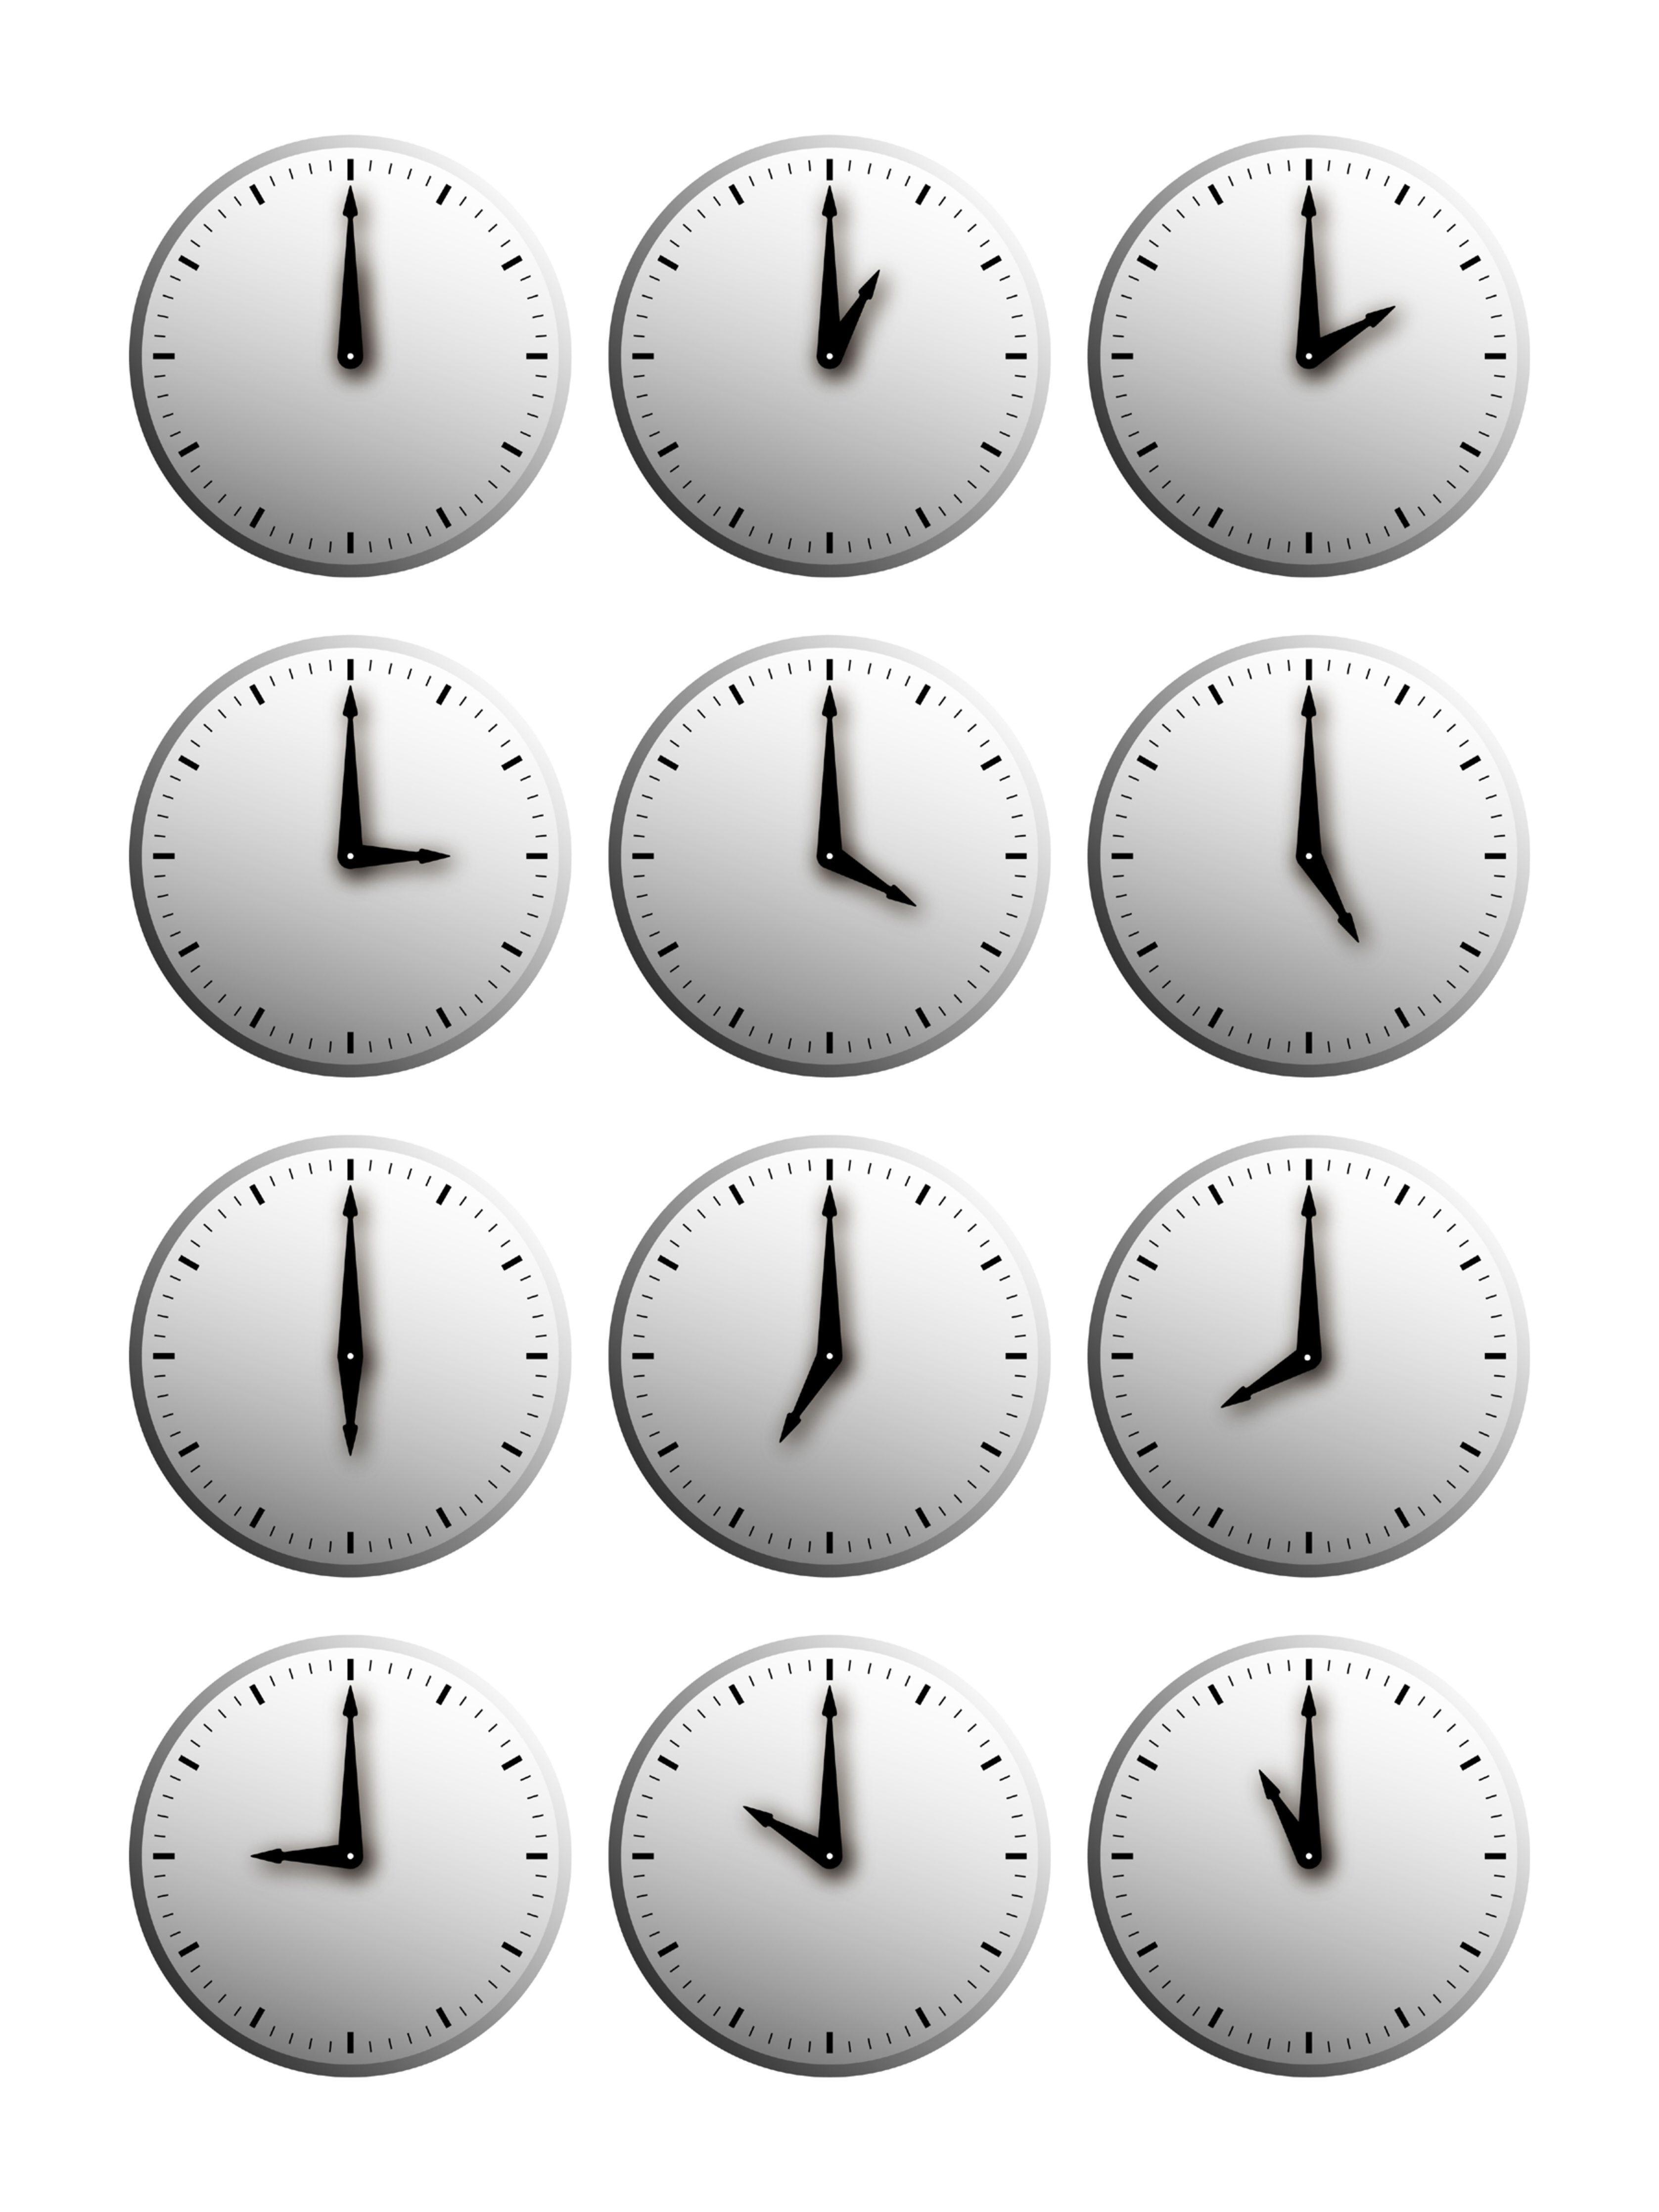 Clocking time